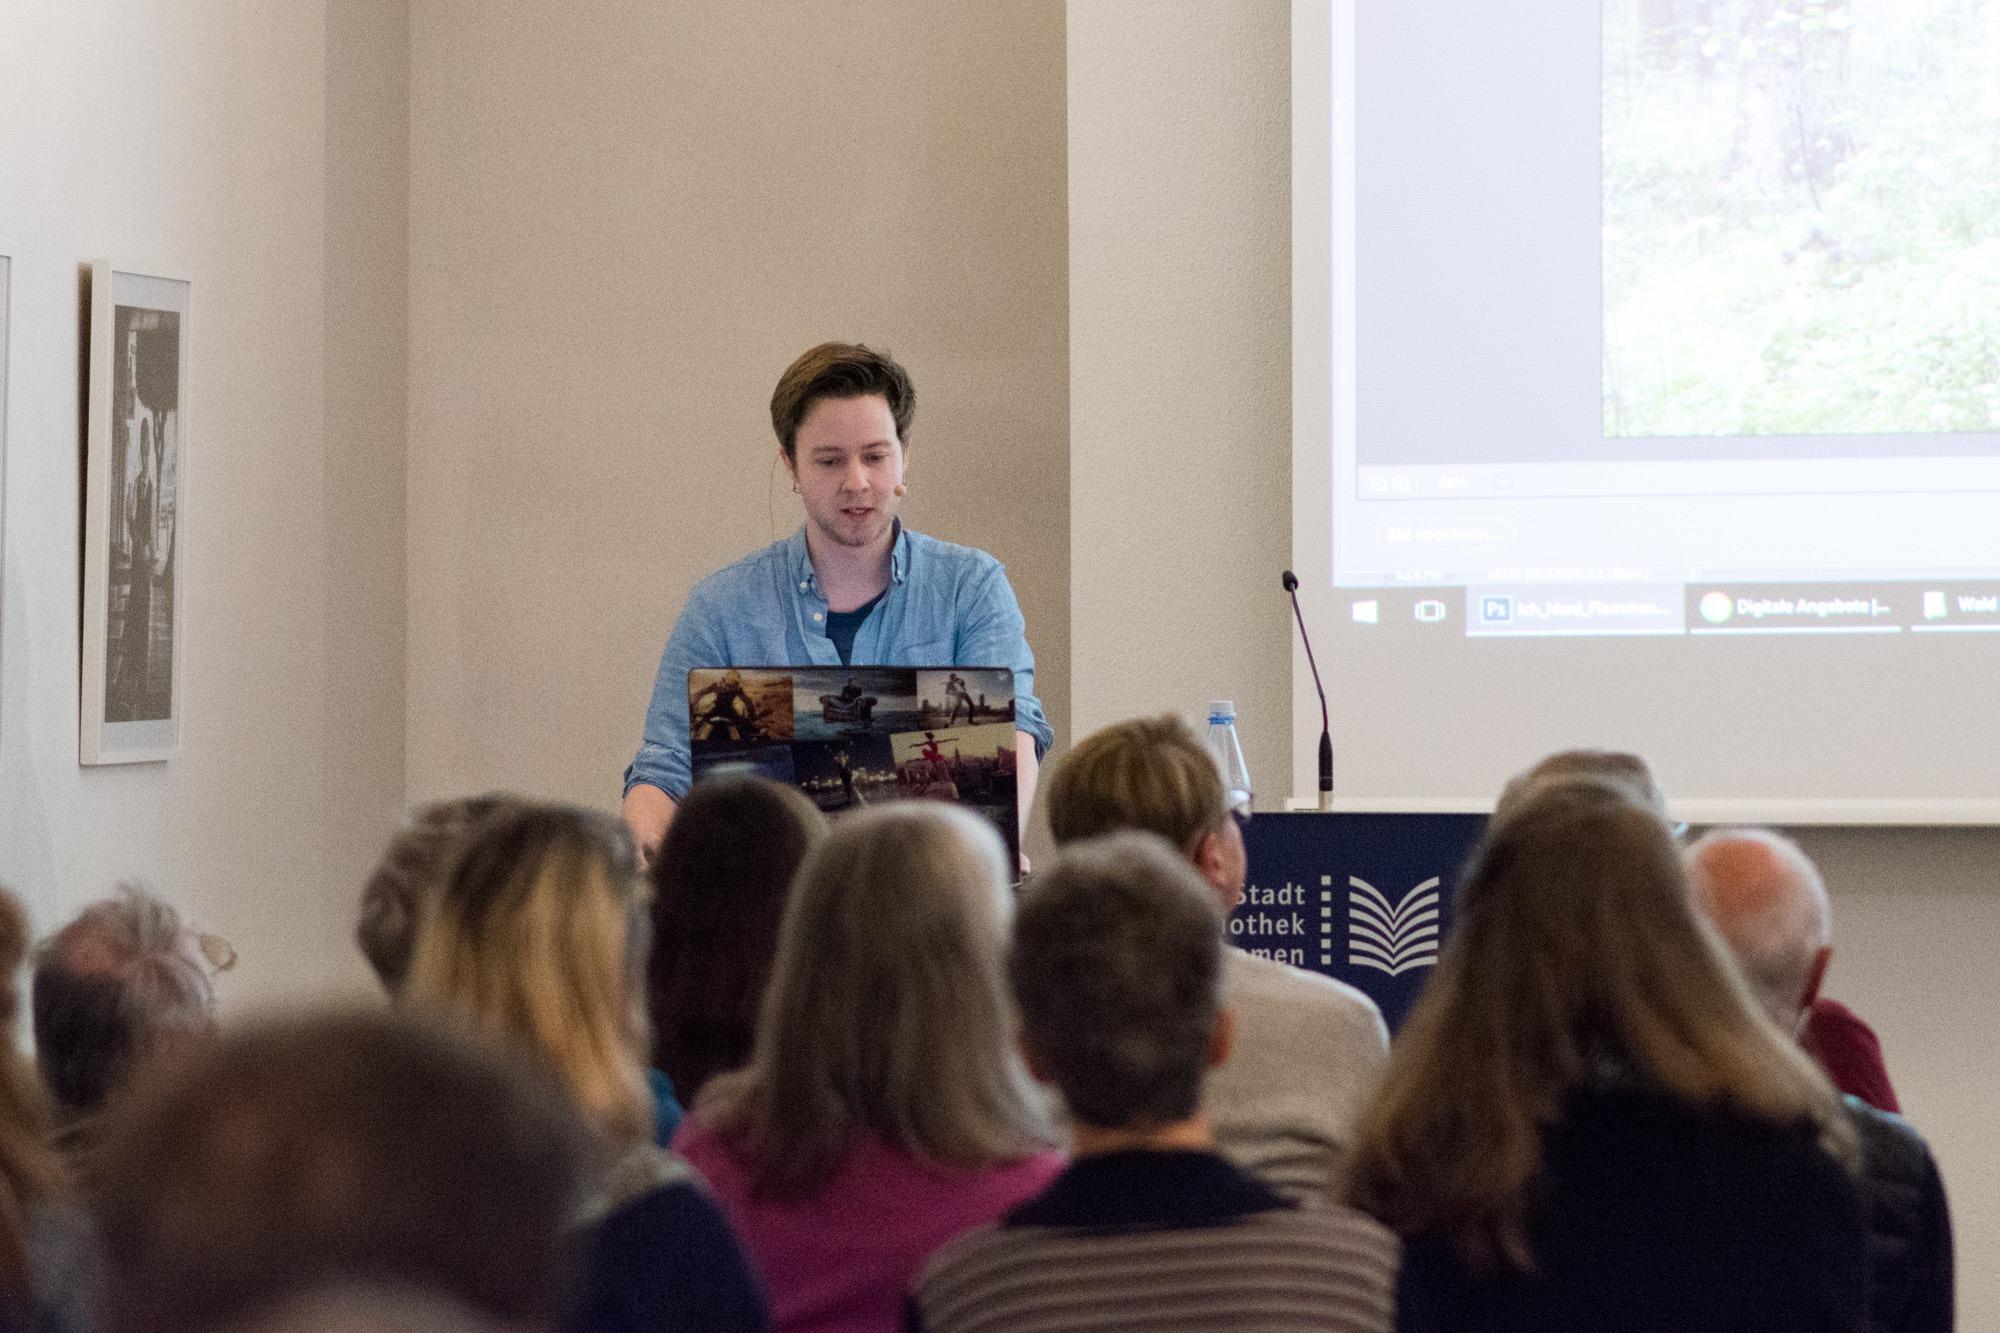 Vortrag in der Stadtbibliothek Bremen